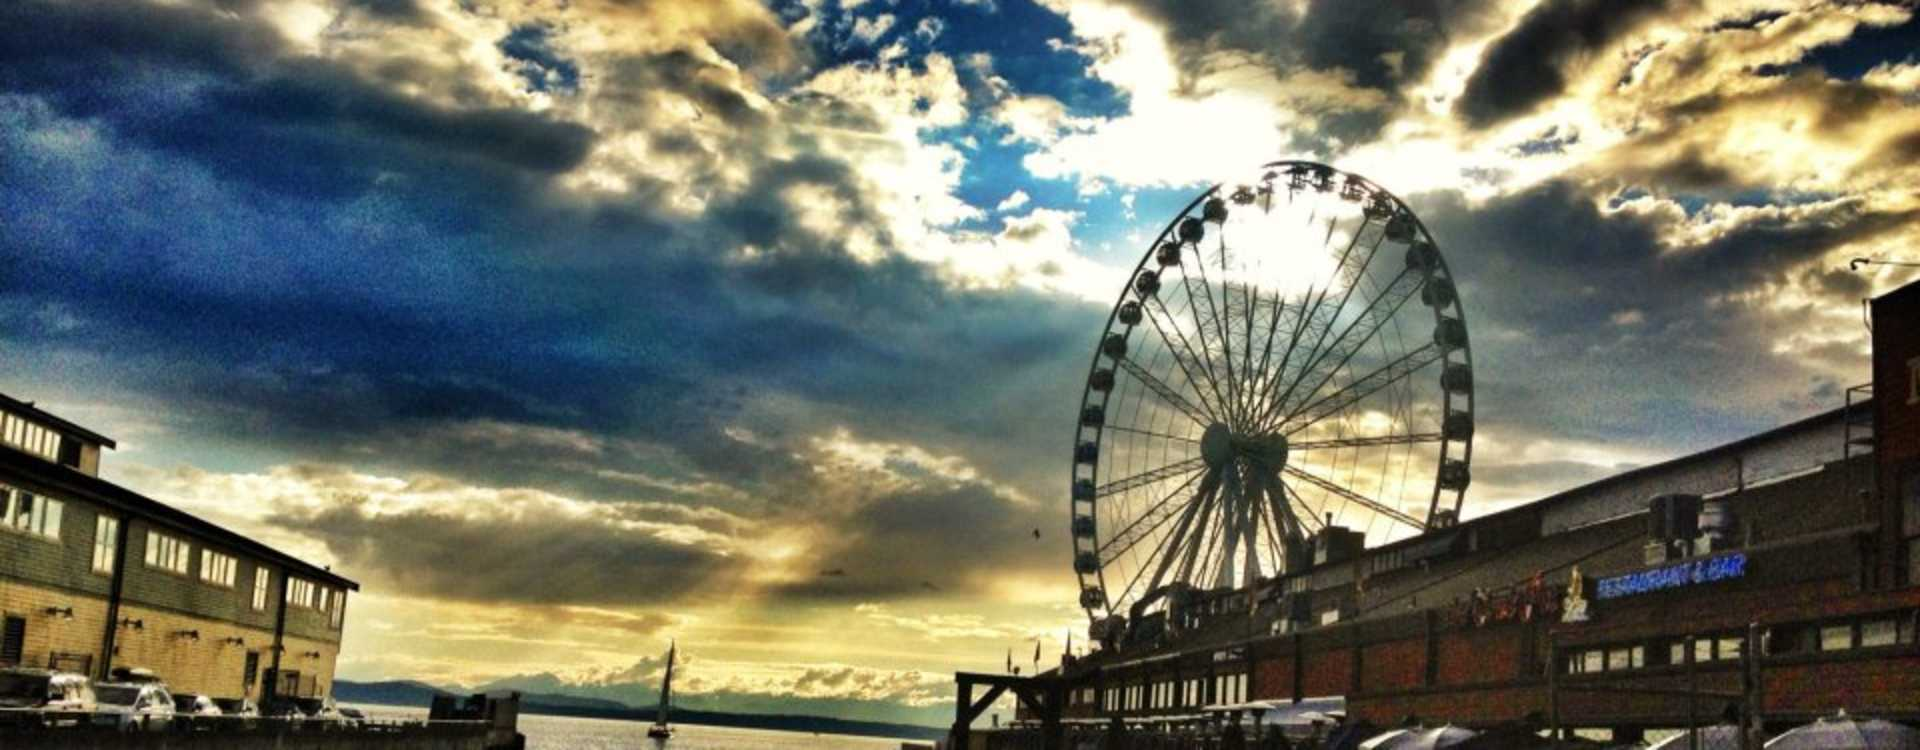 Seattle_Great_Wheel-2.jpg